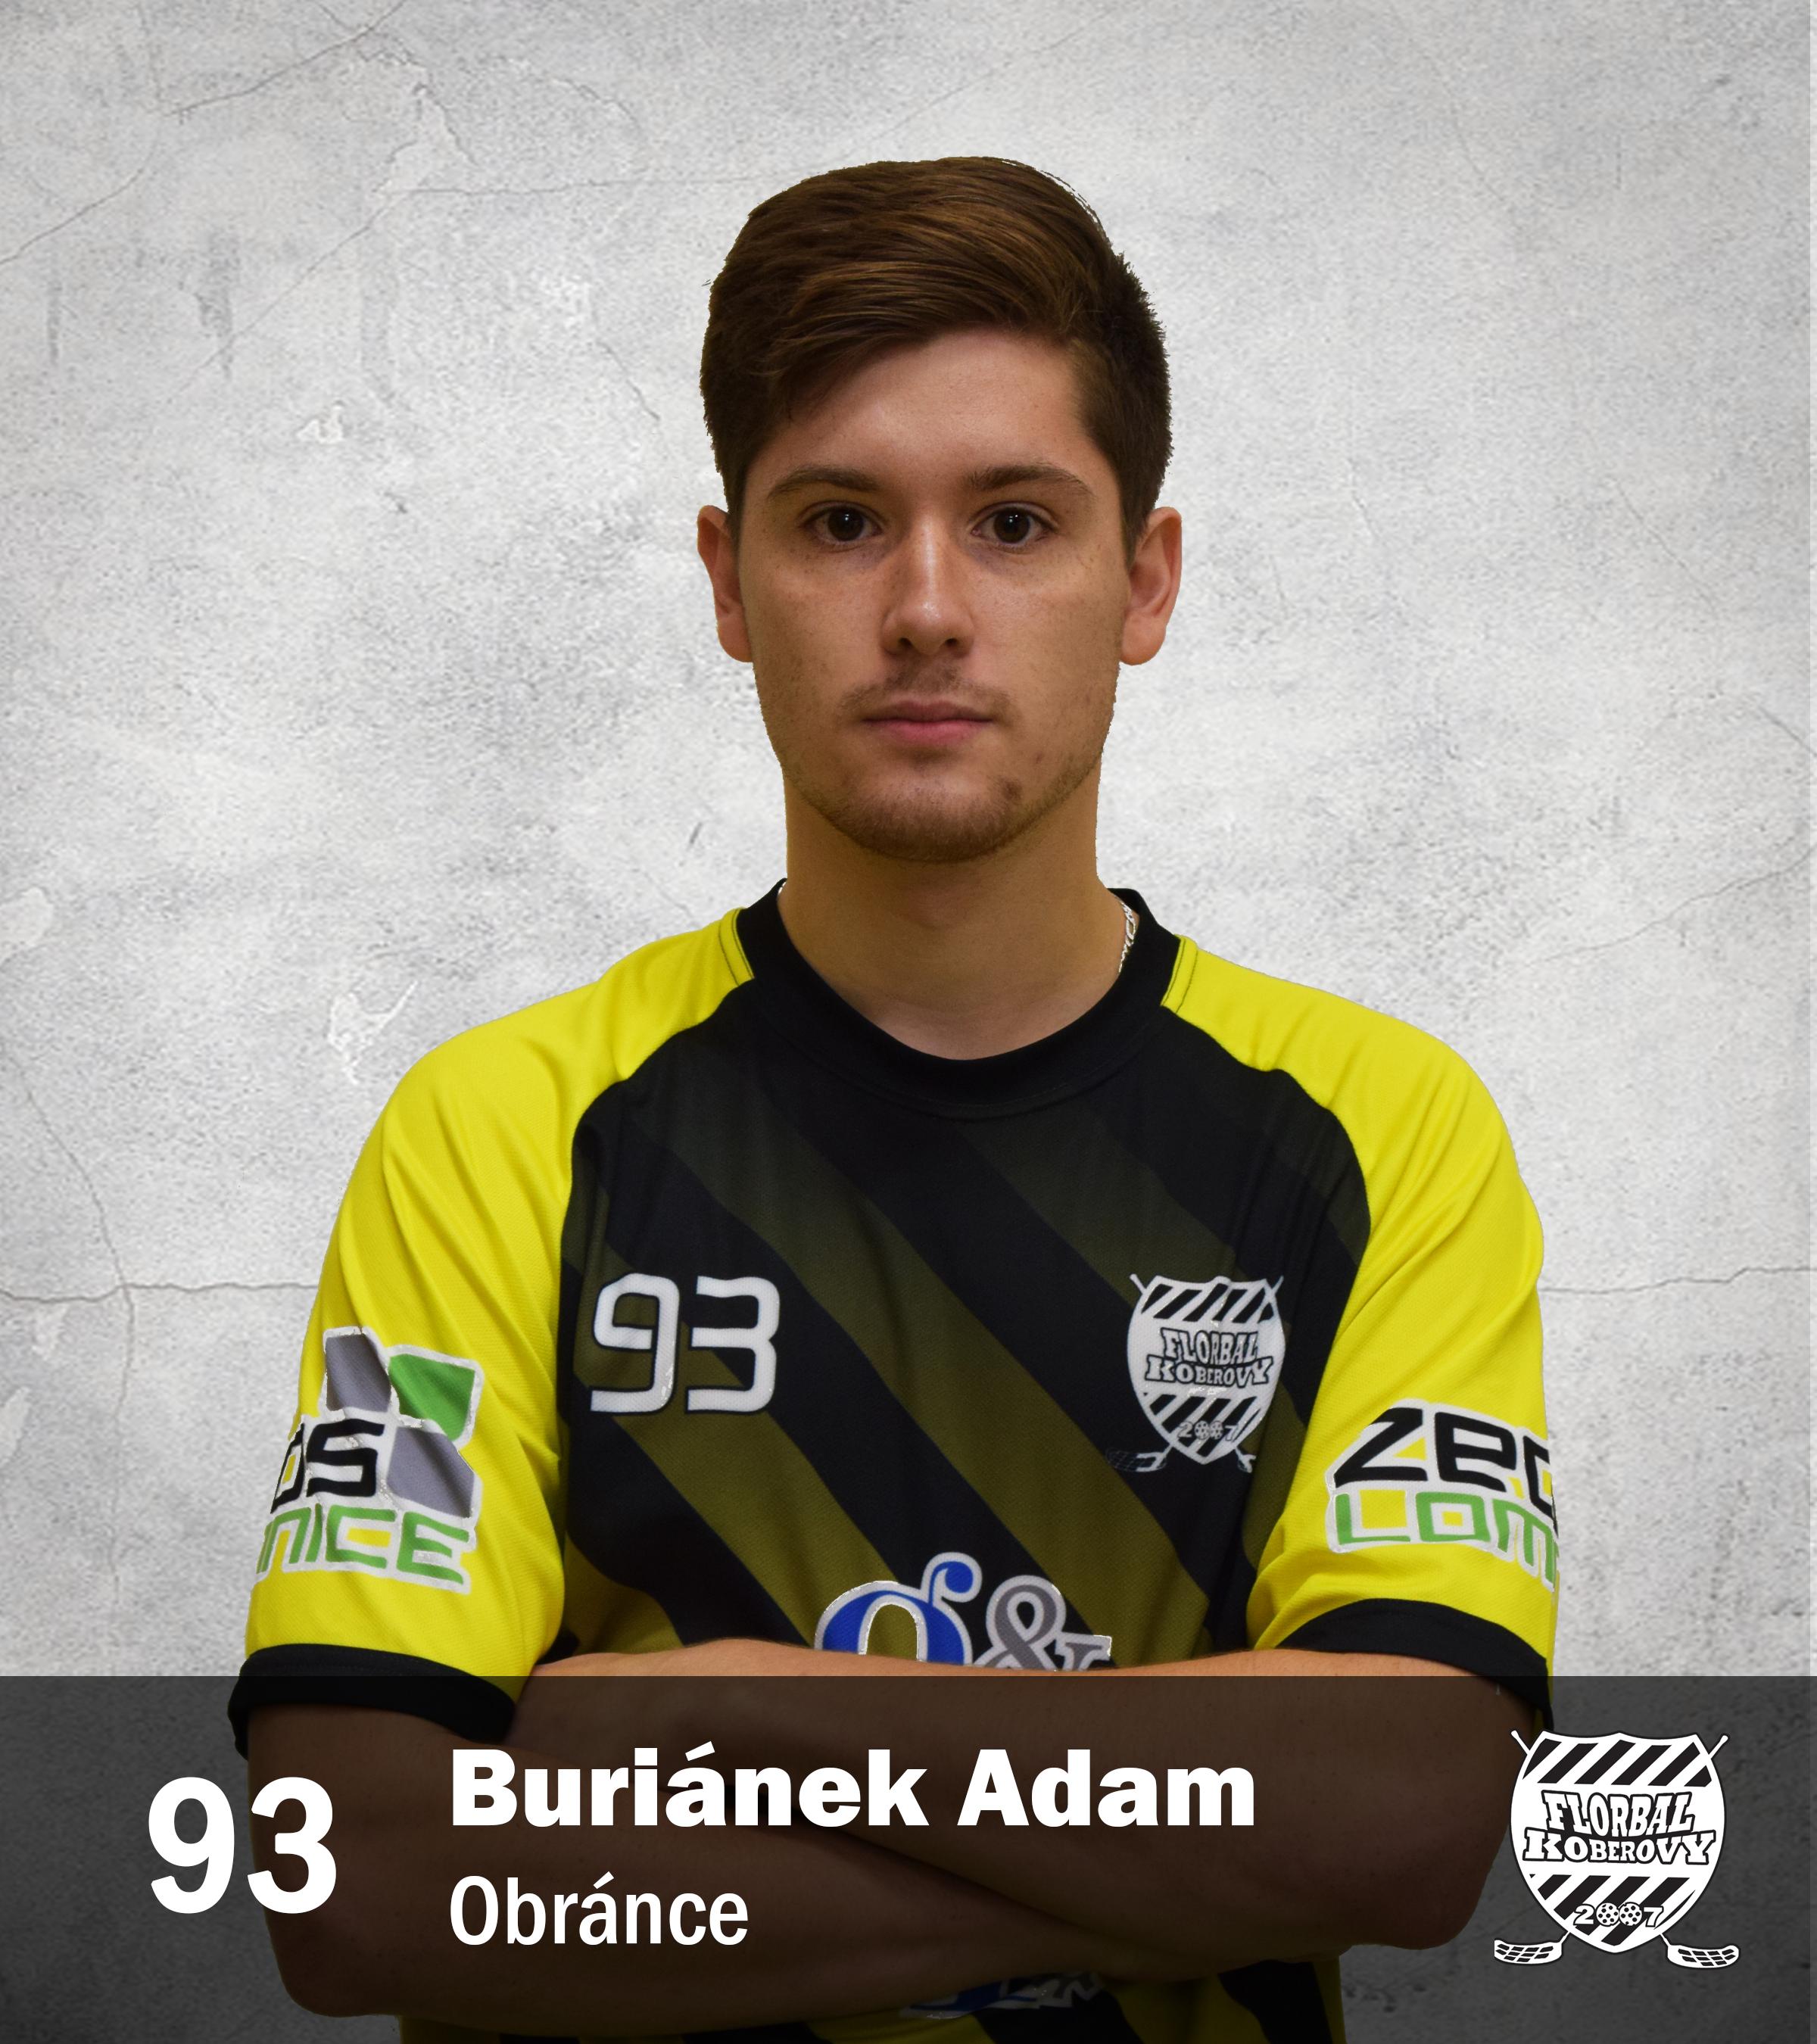 93 Buriánek Adam